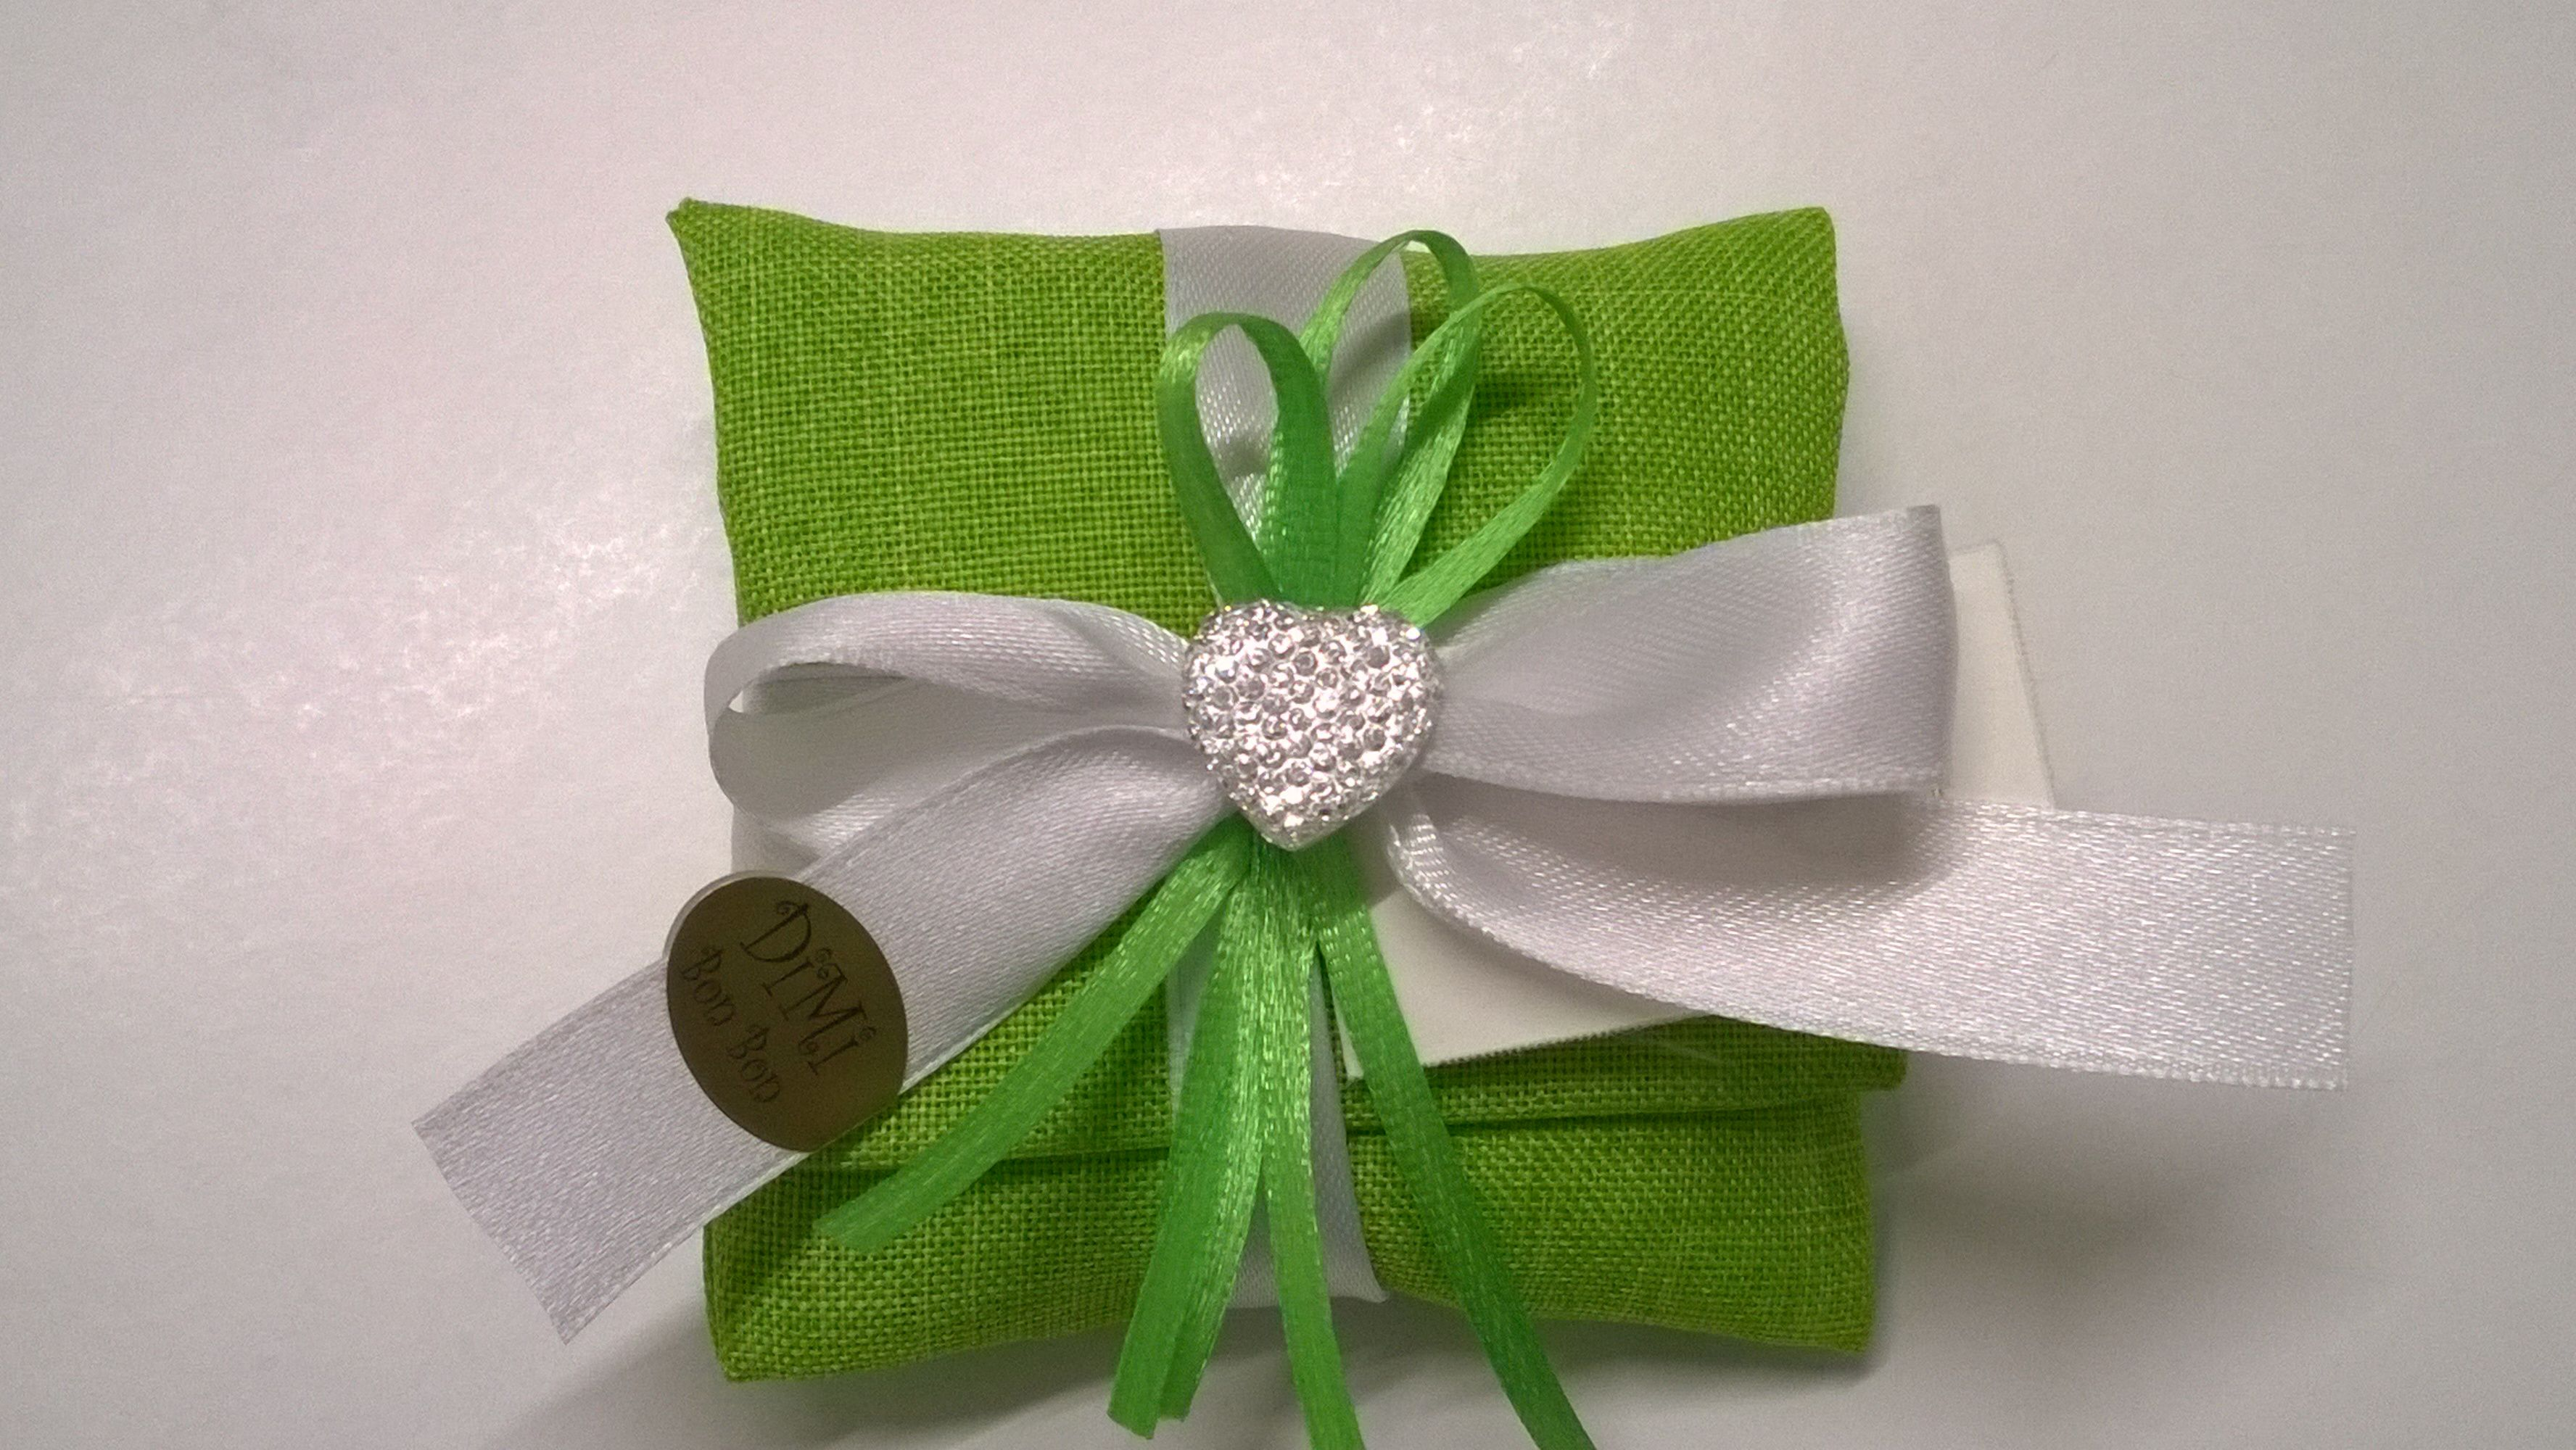 Bomboniere Per Anniversario Di Matrimonio 40 Anni.Sacchettino Cuscinetto Verde Per Anniversario Di Matrimonio 40